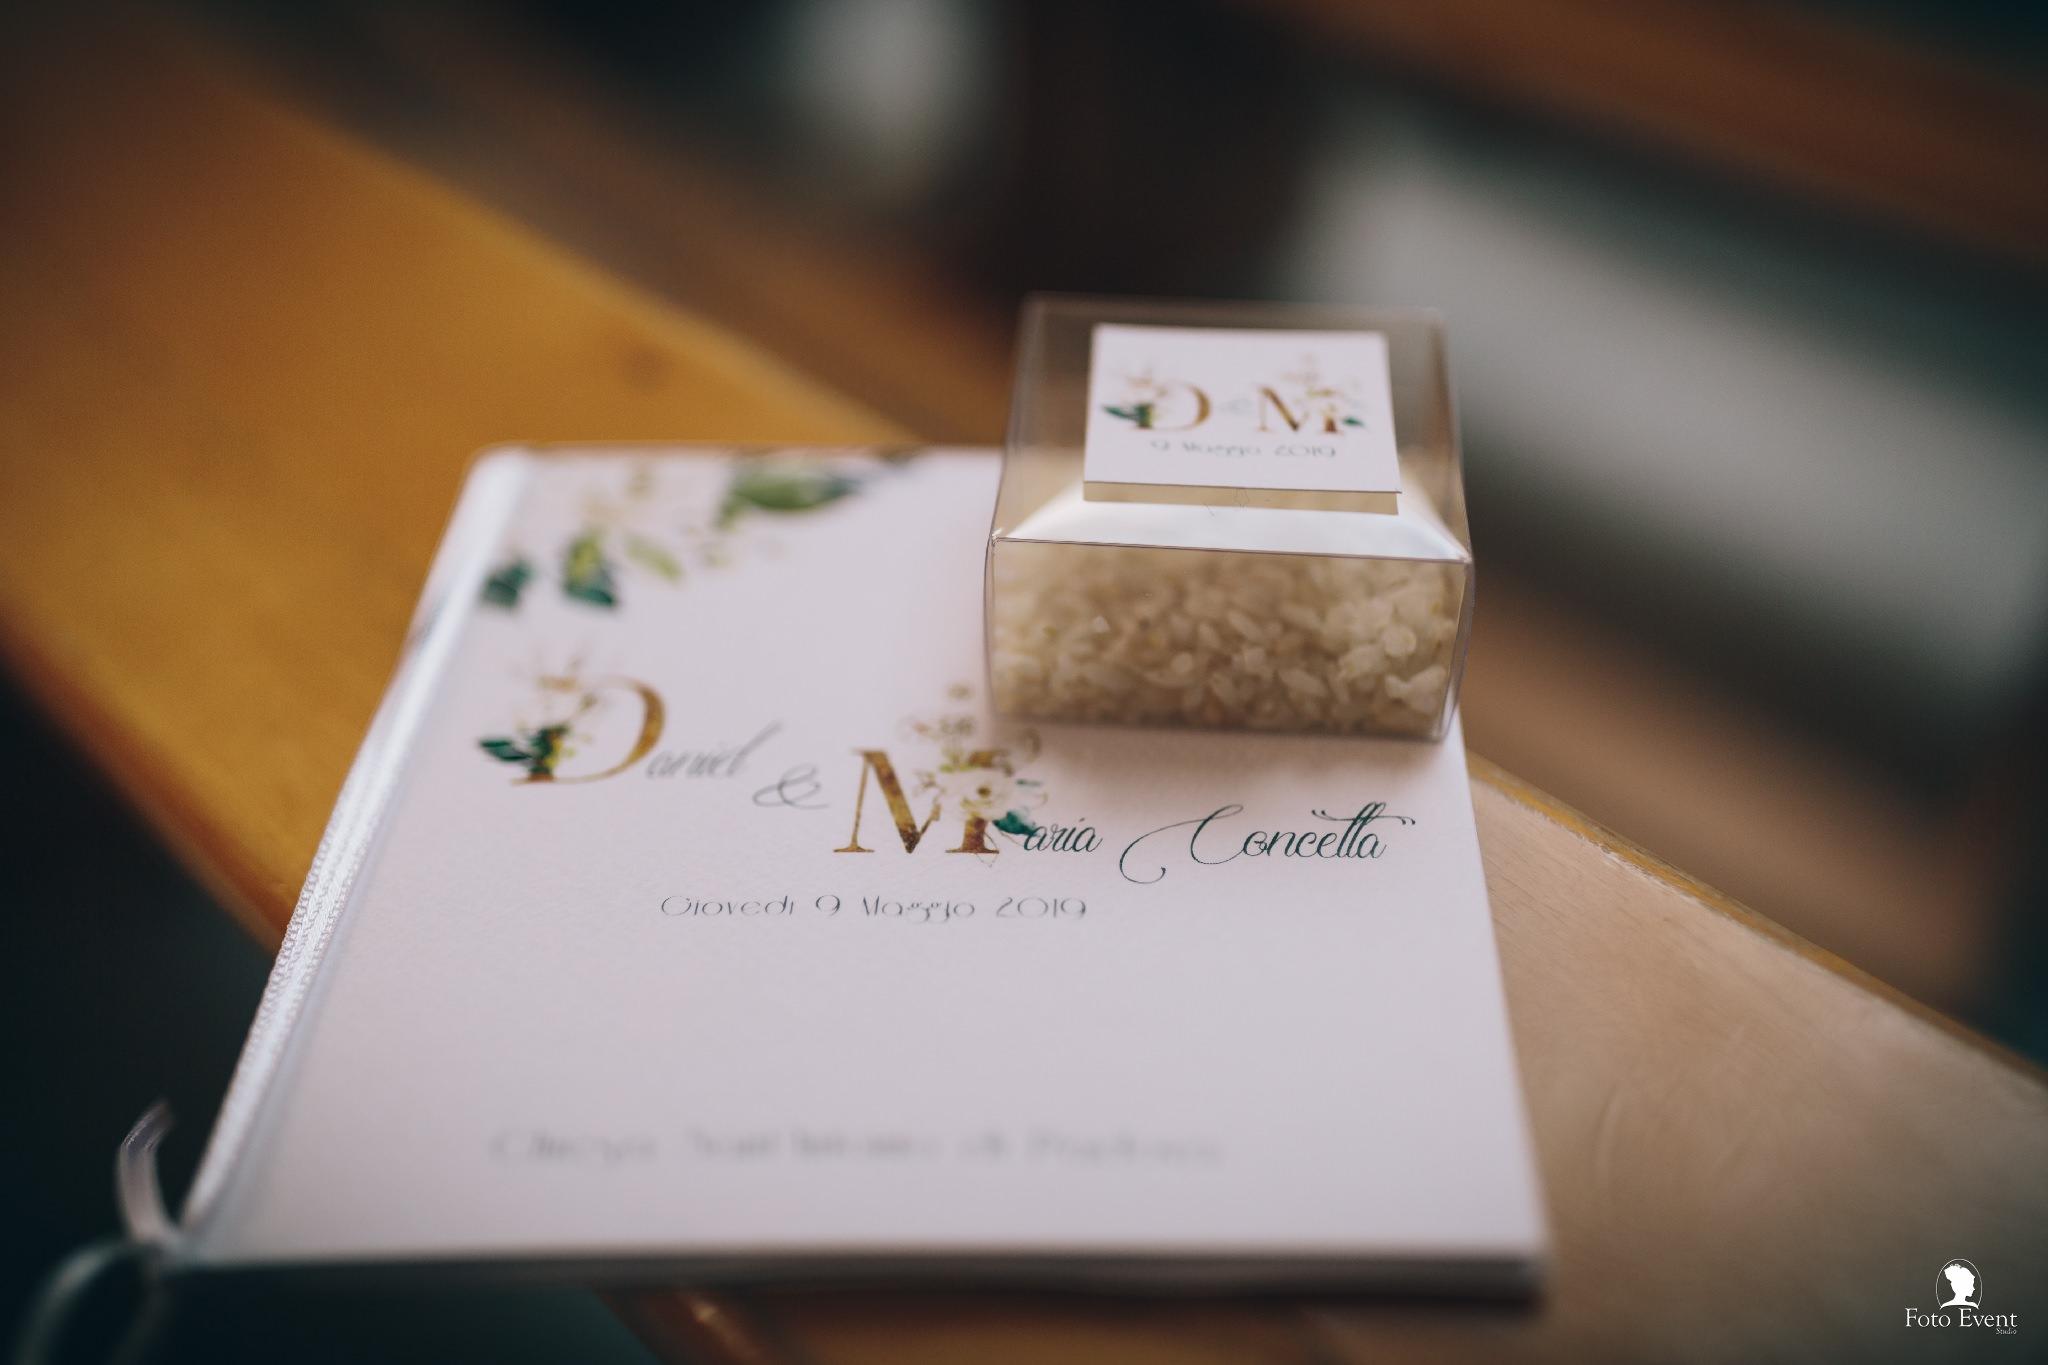 415-2019-05-09-Matrimonio-Maria-Concetta-e-Daniel-Gebbia-35mm-486